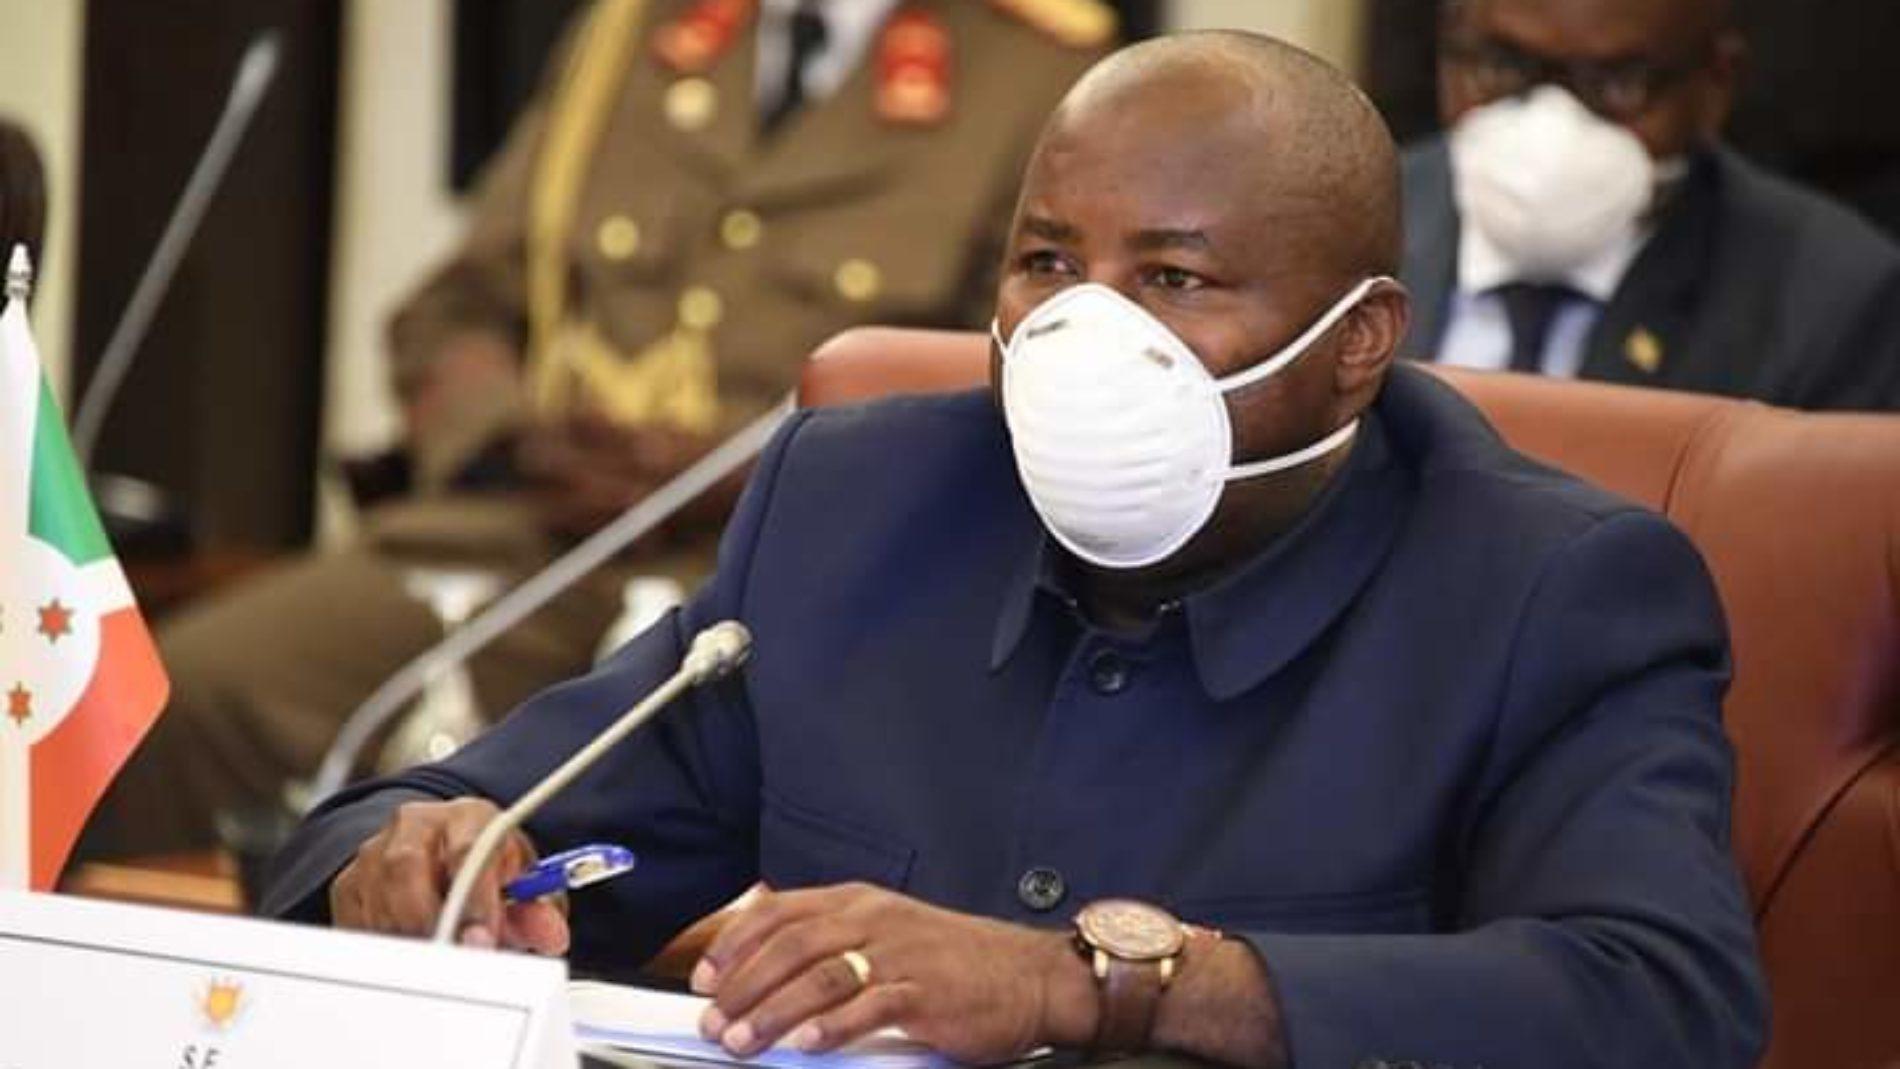 Photo de la semaine : le président burundais a porté un masque durant son voyage en Guinée Équatoriale